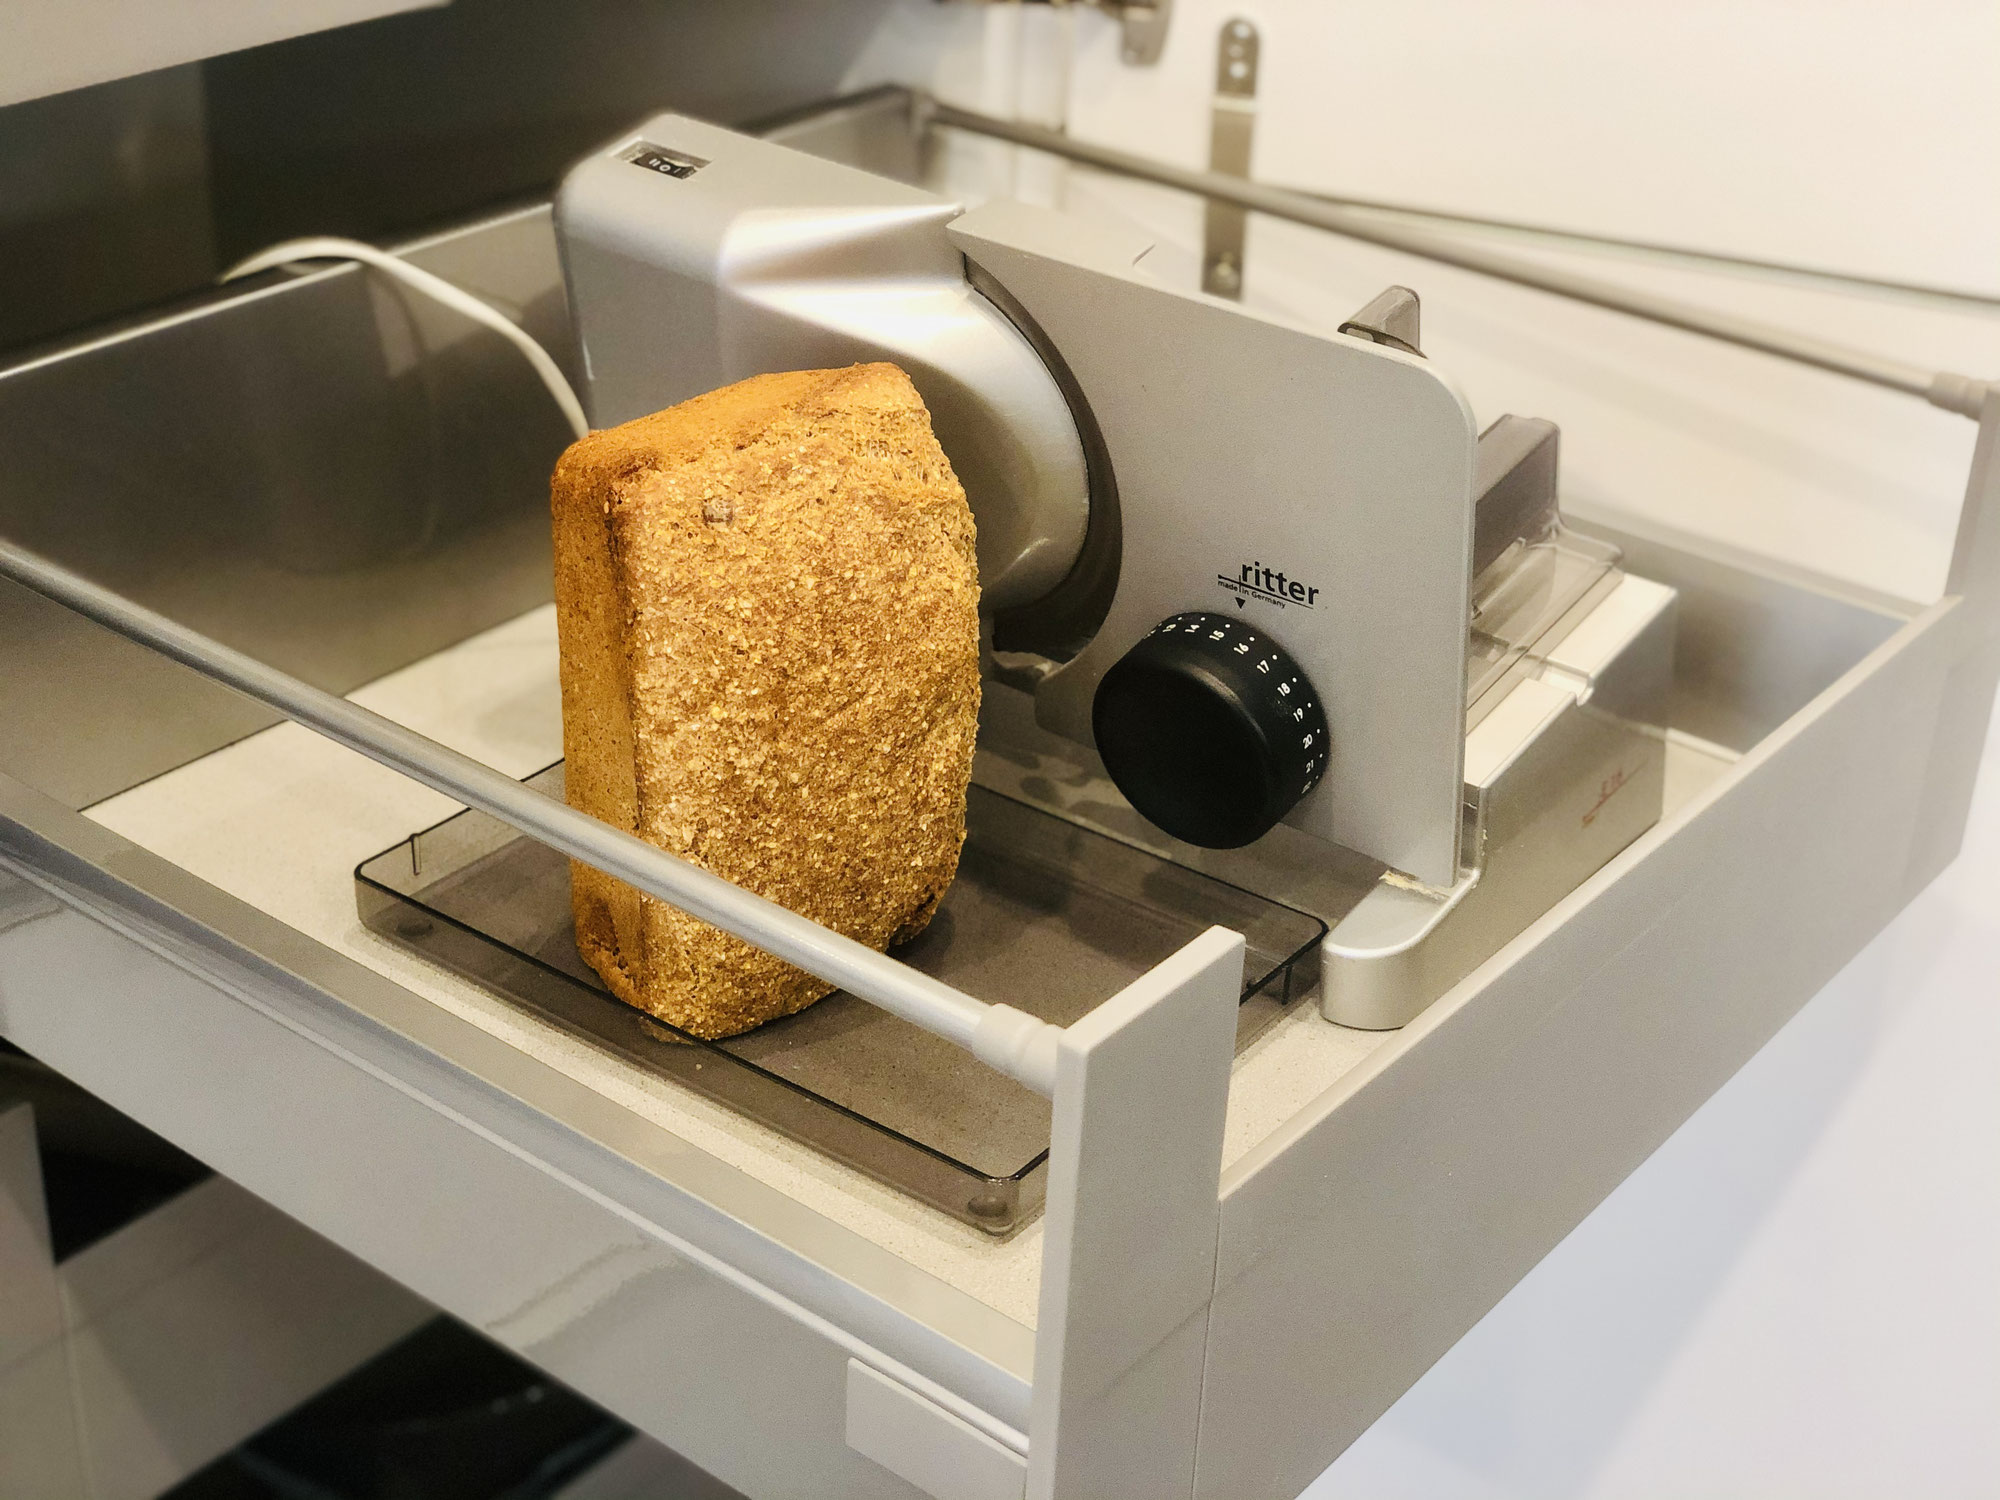 Wie ich mein Brot aufbewahre um es lange knusprig, saftig  und frisch zu erhalten ♥